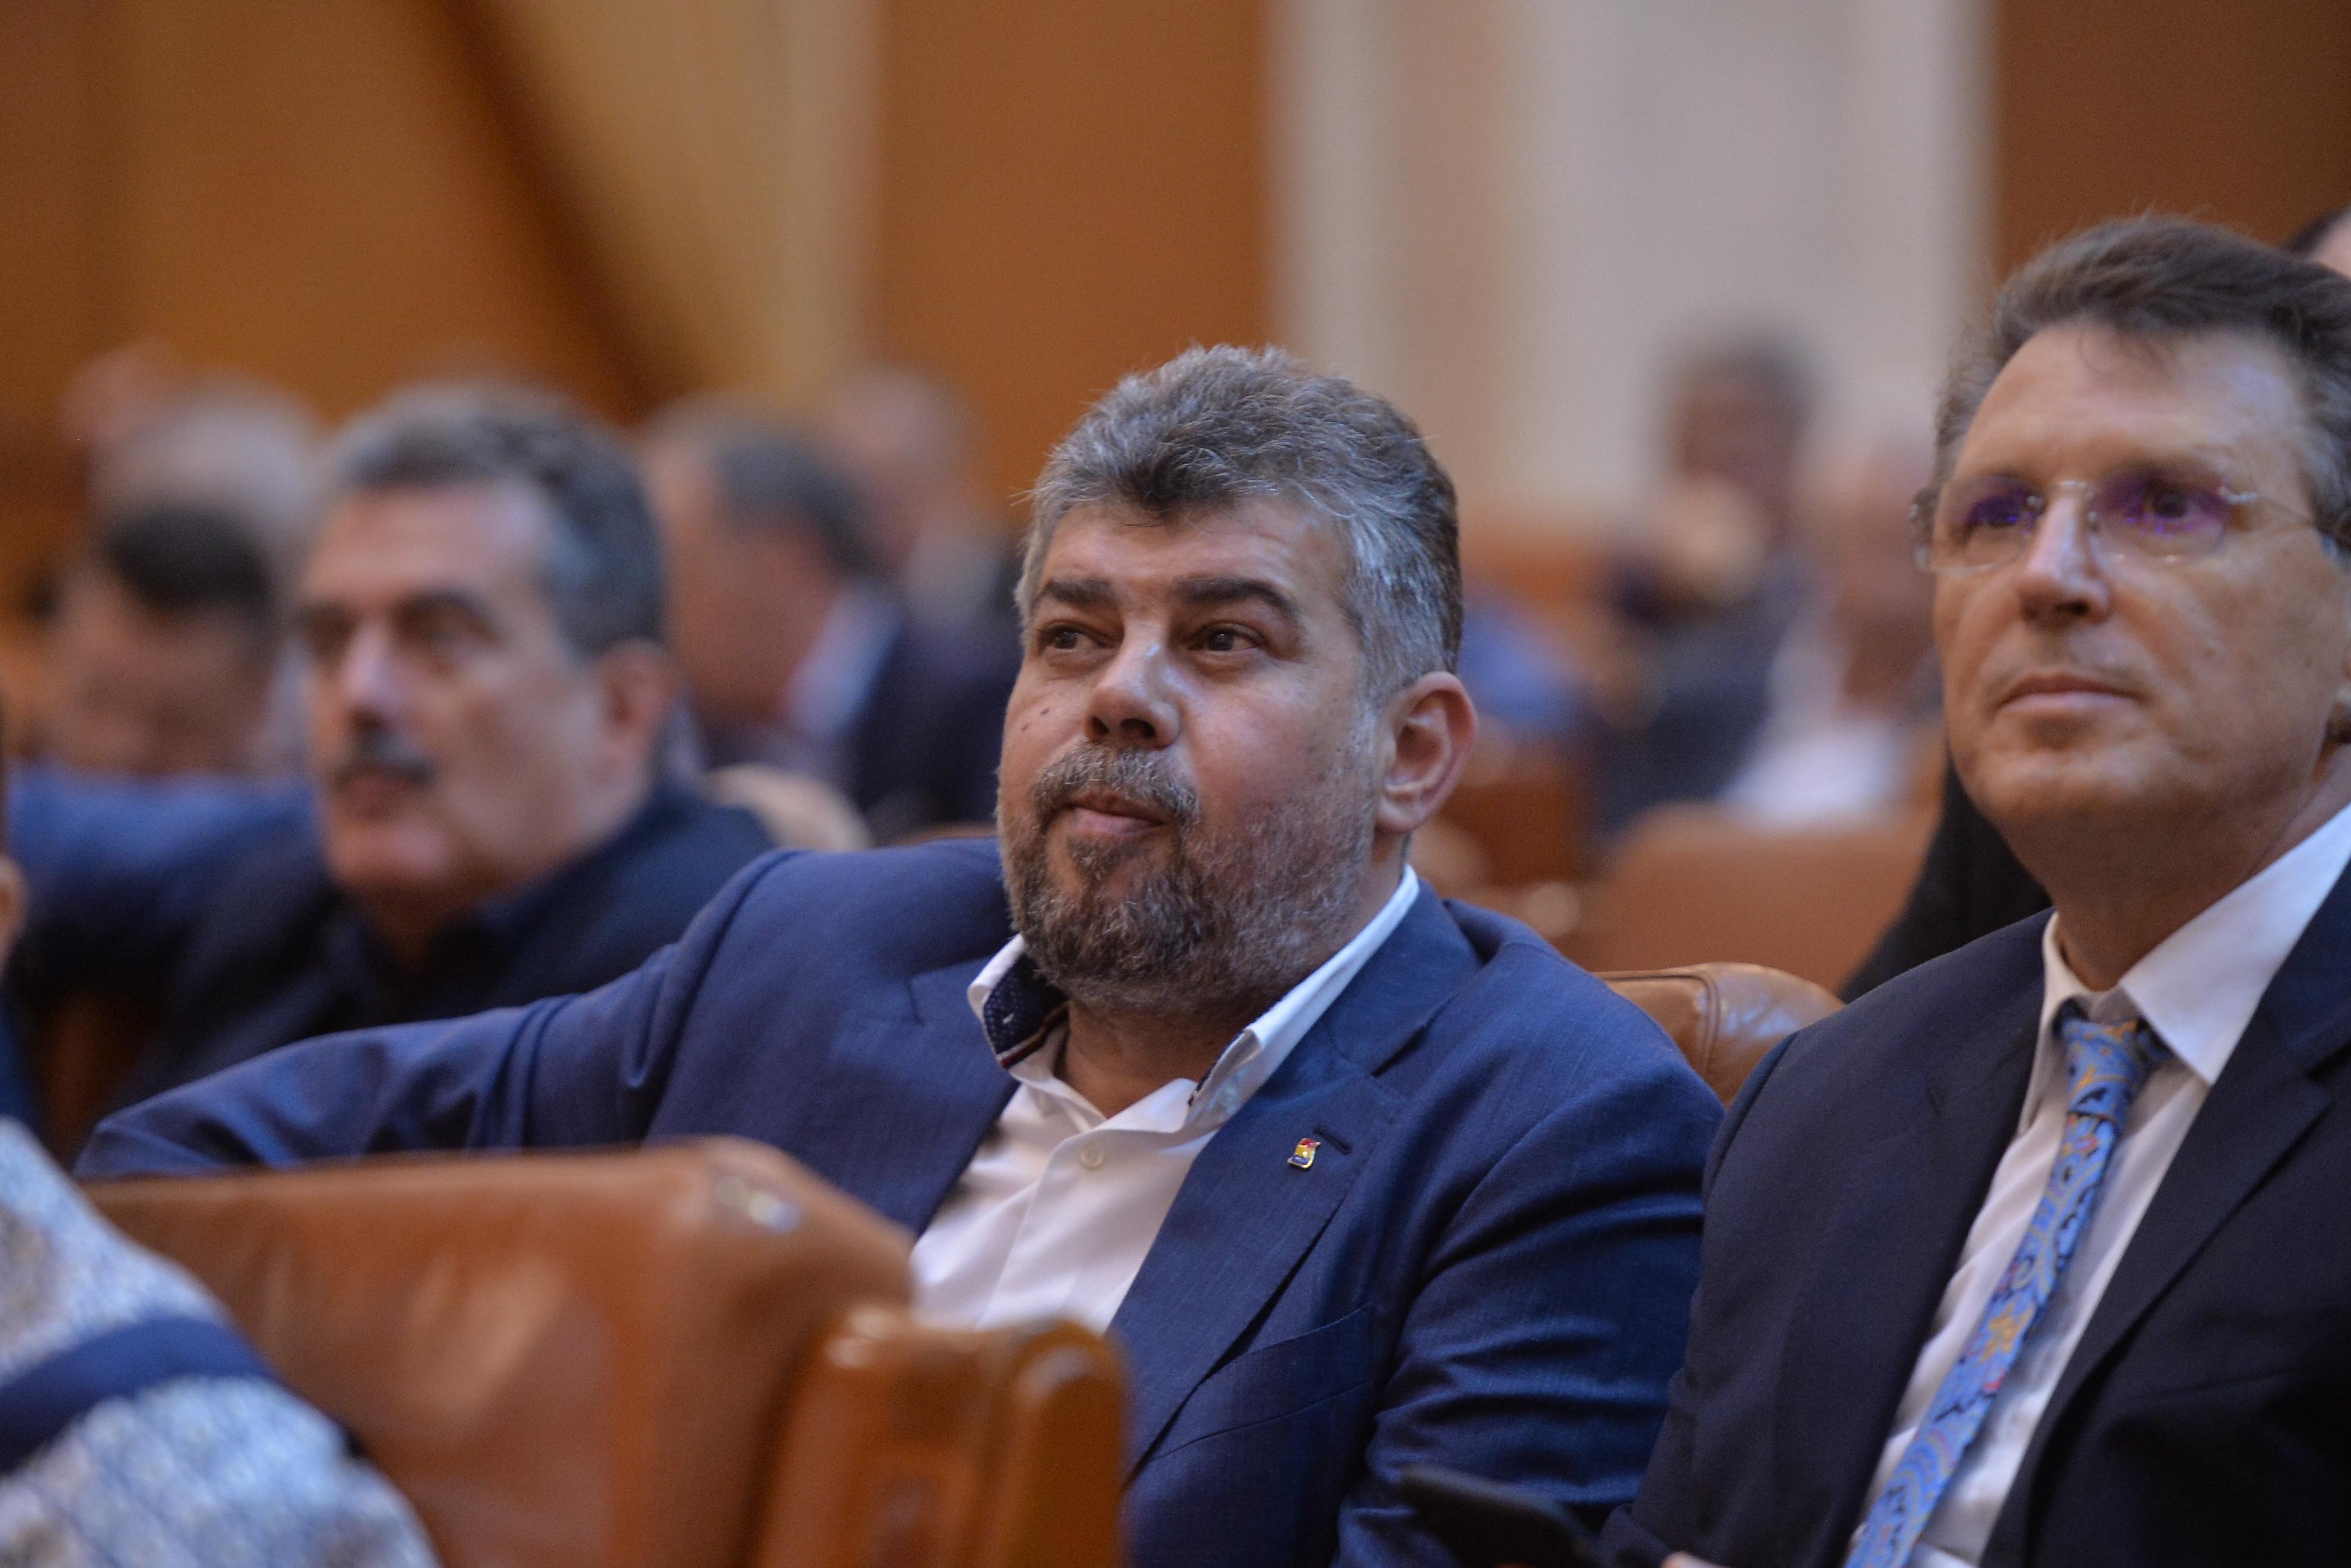 Conducerea interimară a PSD se reuneşte, luni, la sediul partidului din Kiseleff. Subiectele de pe ordinea de zi